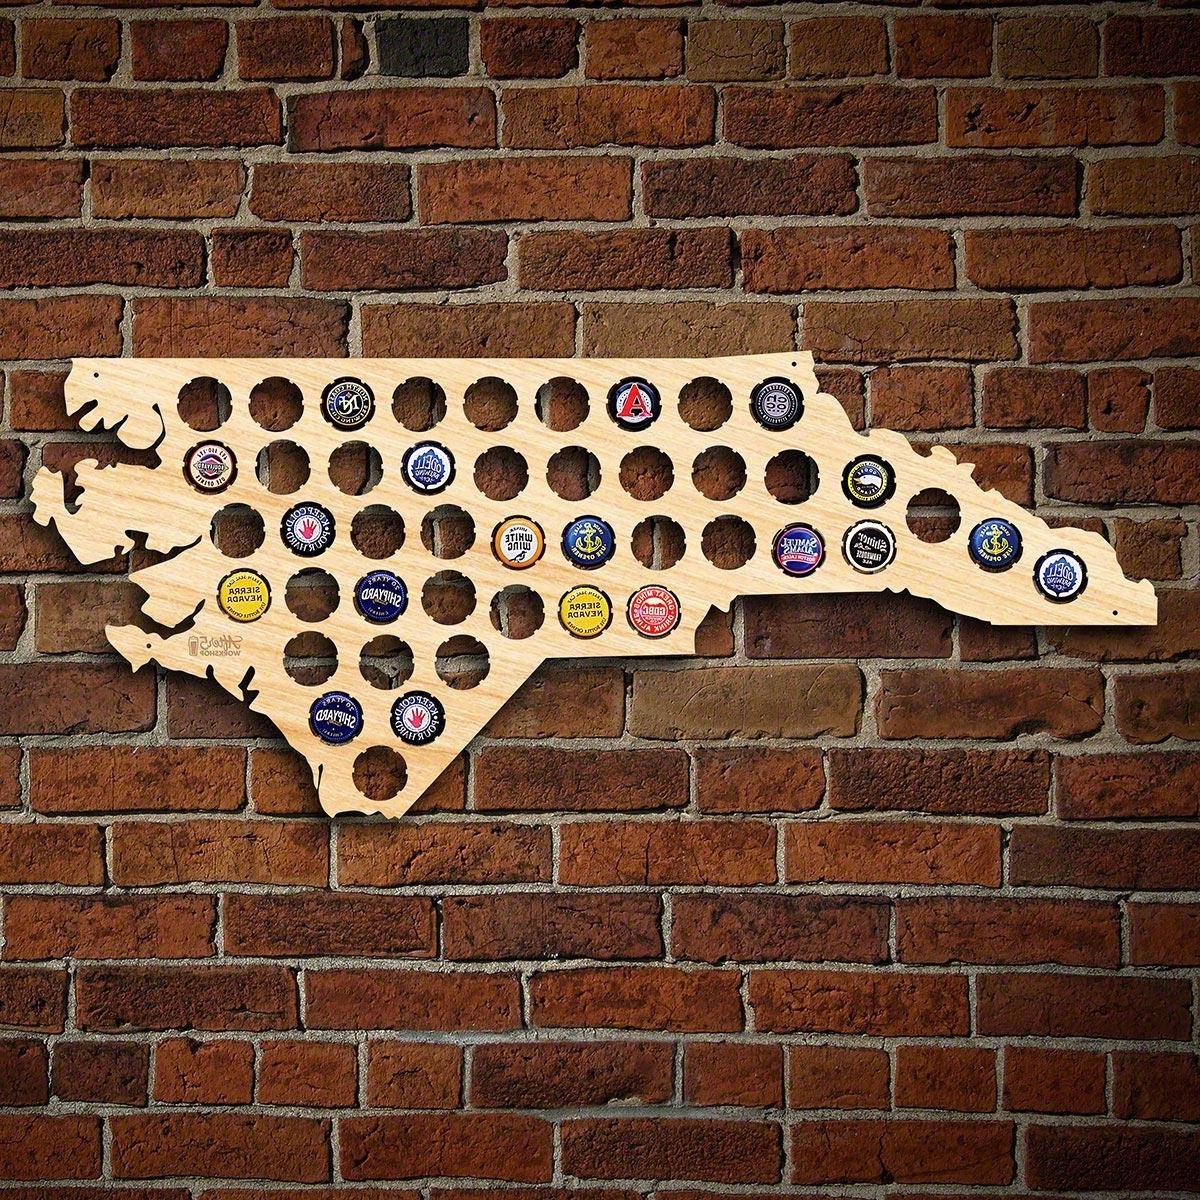 North Carolina Wall Art Within Recent North Carolina Beer Cap Map (View 11 of 15)